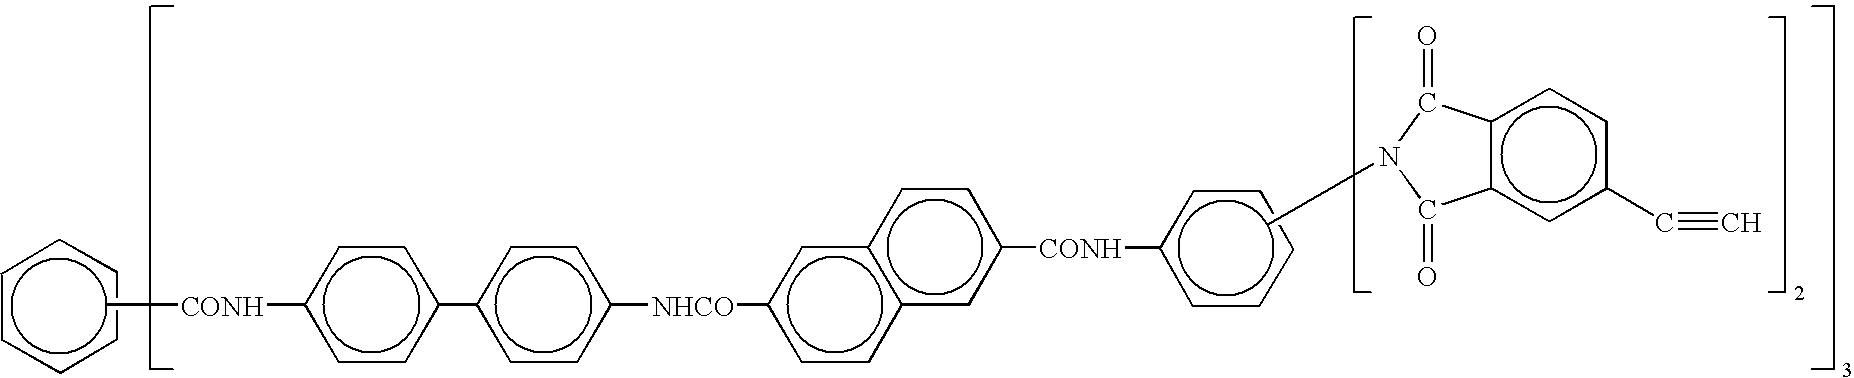 Figure US08063168-20111122-C00071